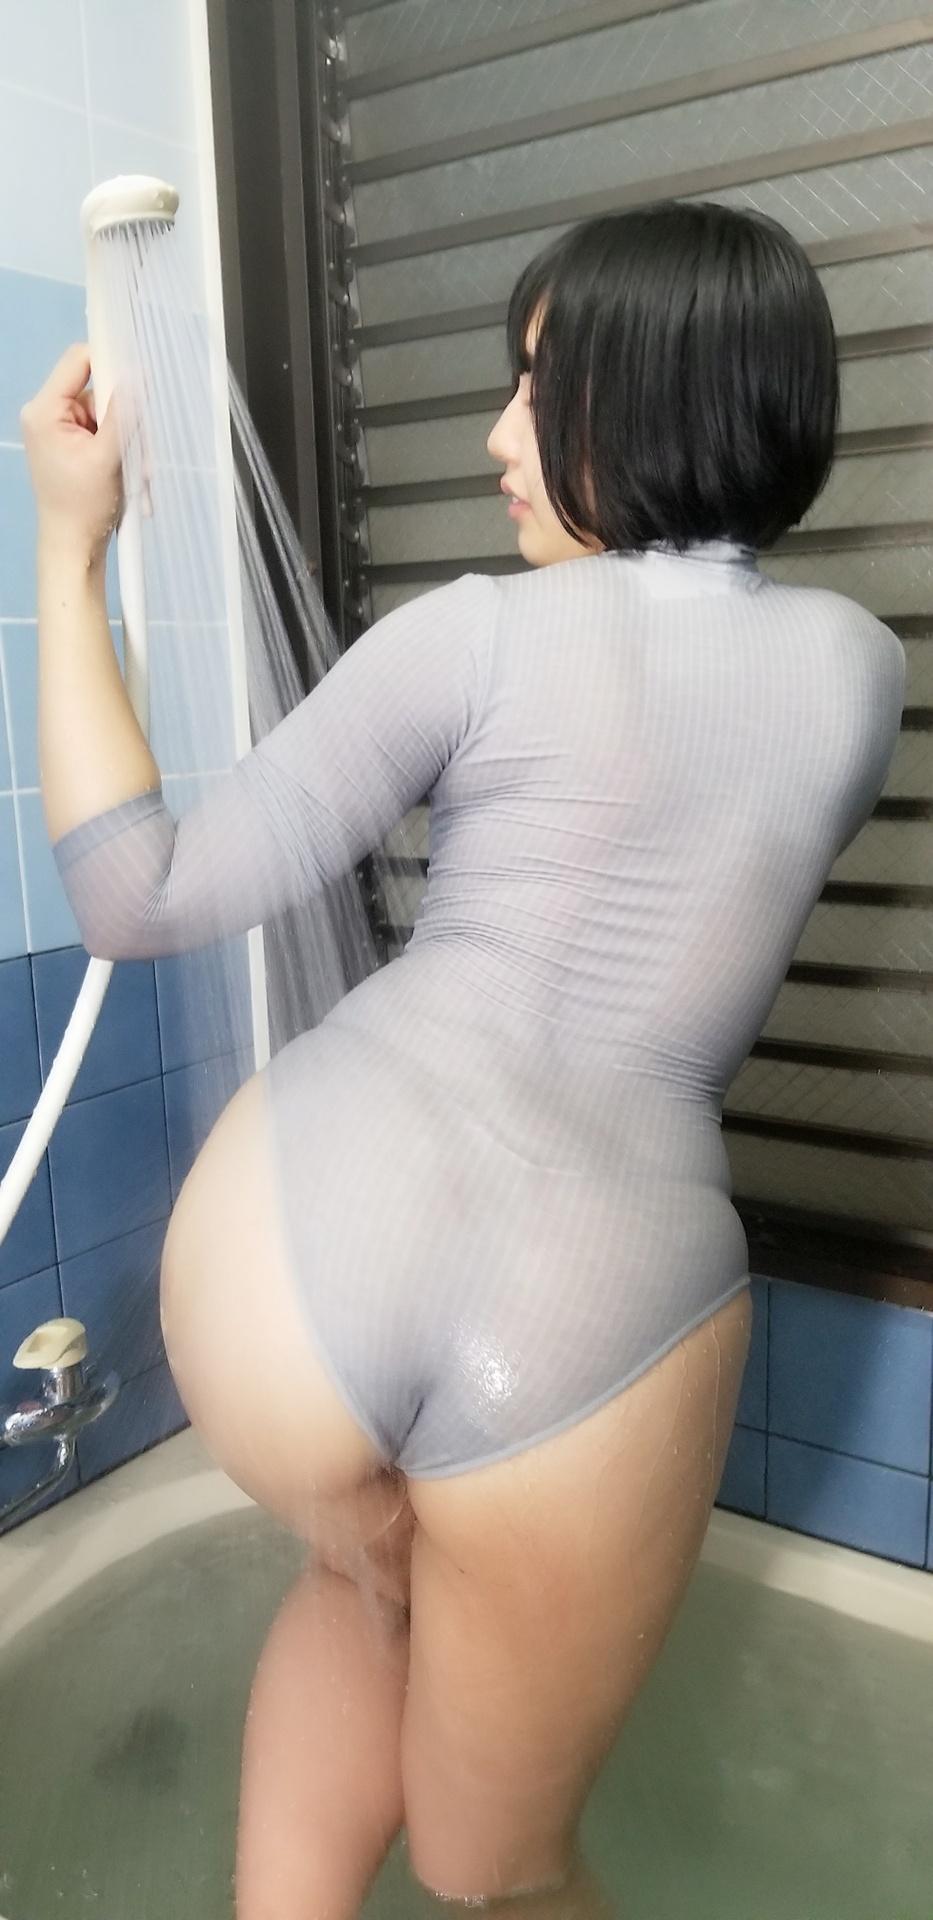 尻ろむ25 ももちの ‐風呂掃除の女&2017のサンプル画像3